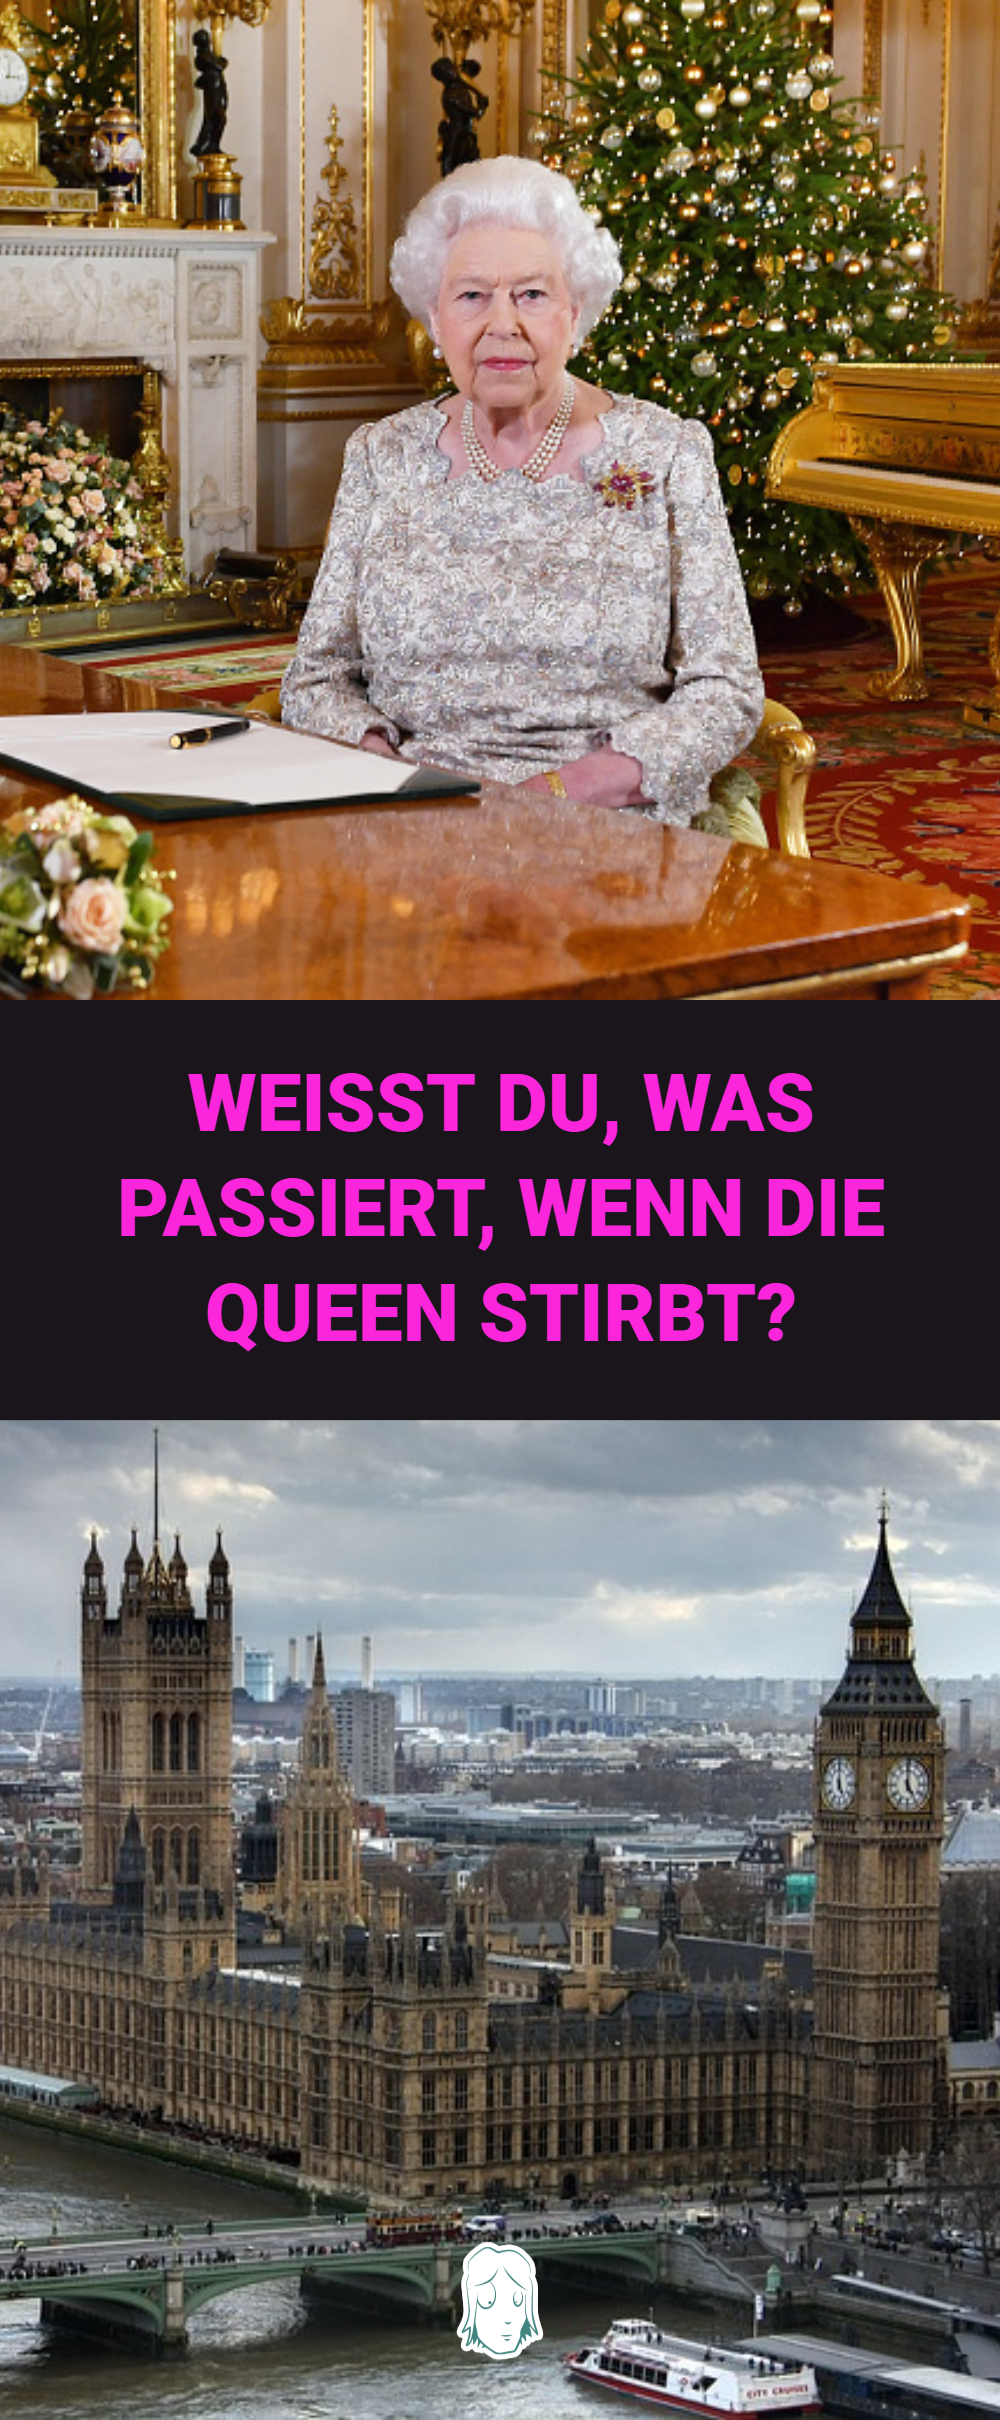 Das Passiert Wenn Die Queen Stirbt Die Queen Buckingham Palace Trauerfeier